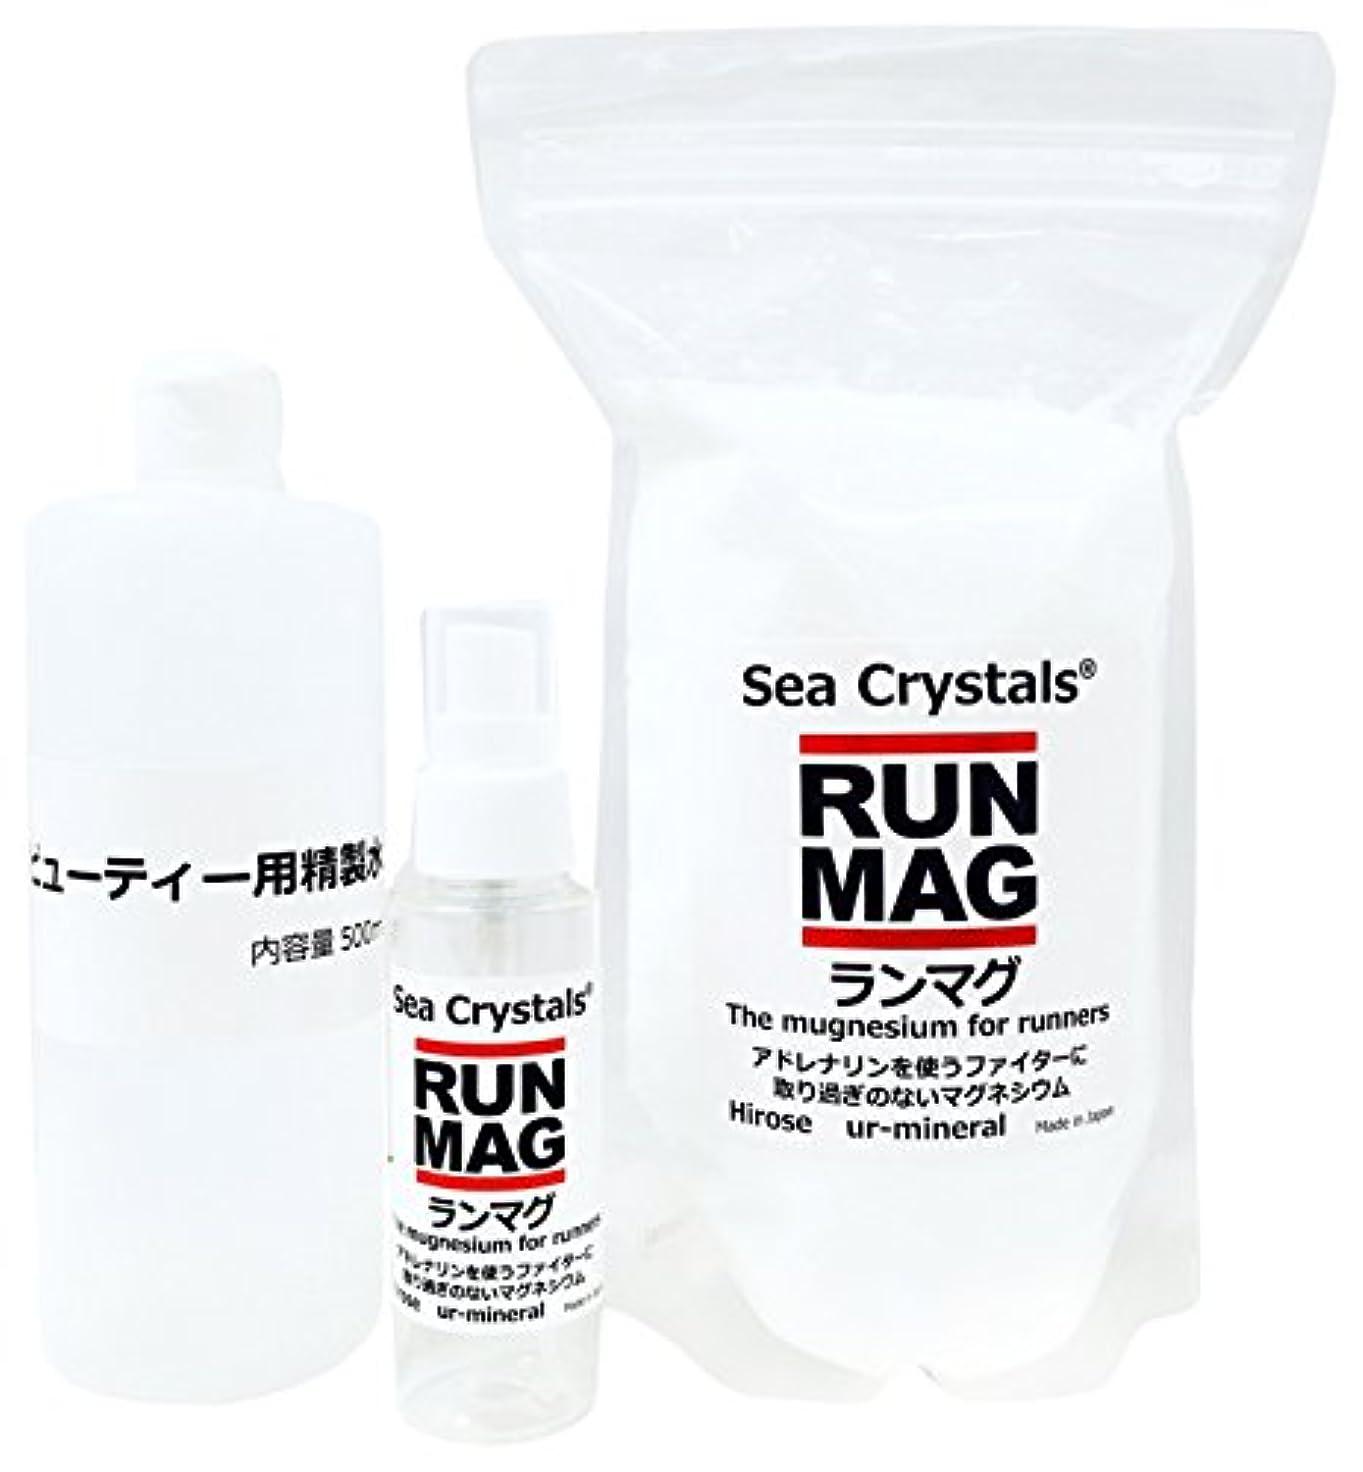 通りペッカディロ無法者ランマグ?マグネシウムオイル 500g 化粧品登録 日本製 1日マグネシウム360mg使用  精製水付き